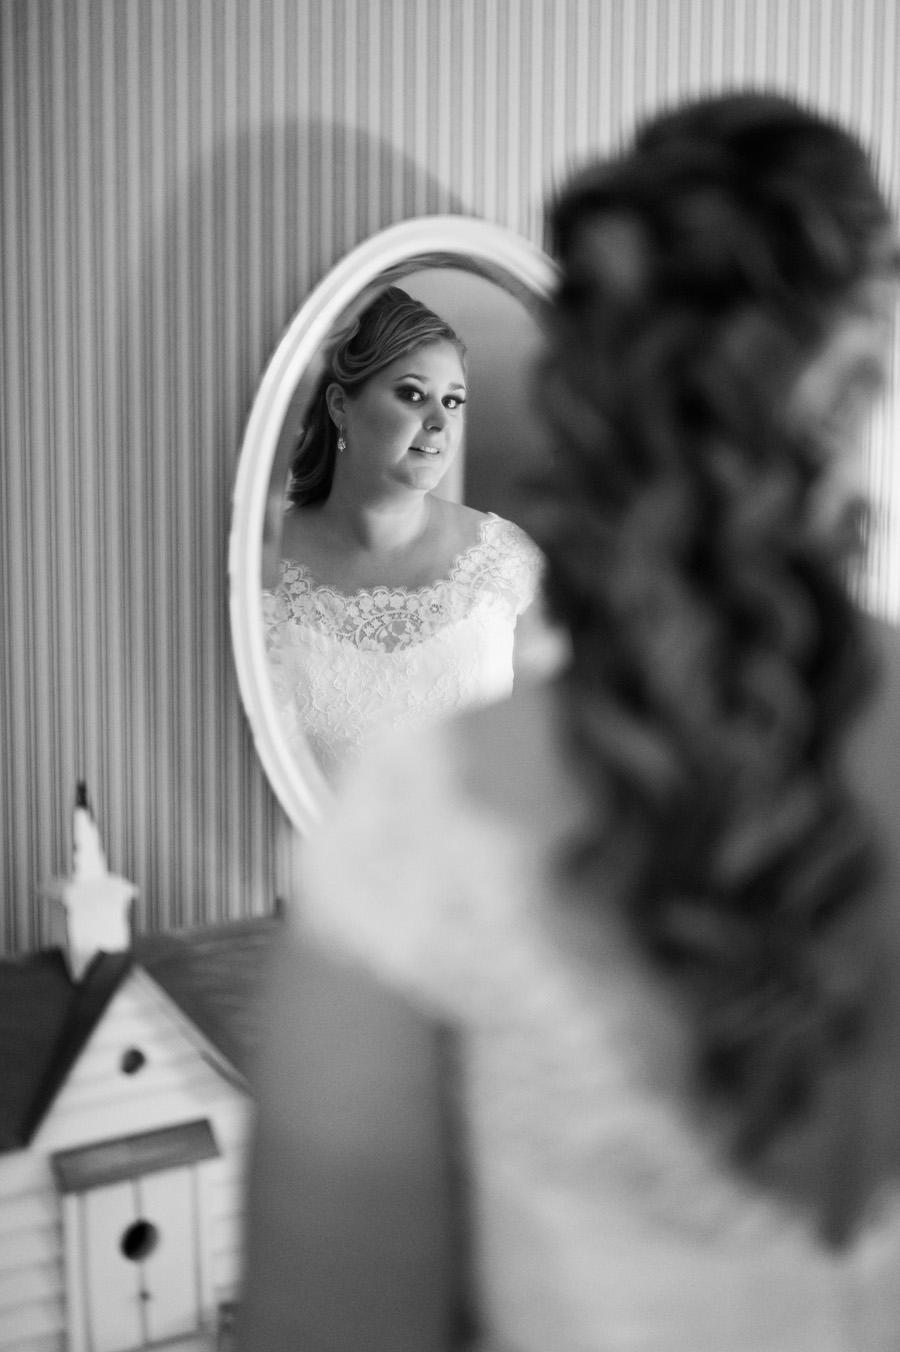 Photo of bride looking into mirror.